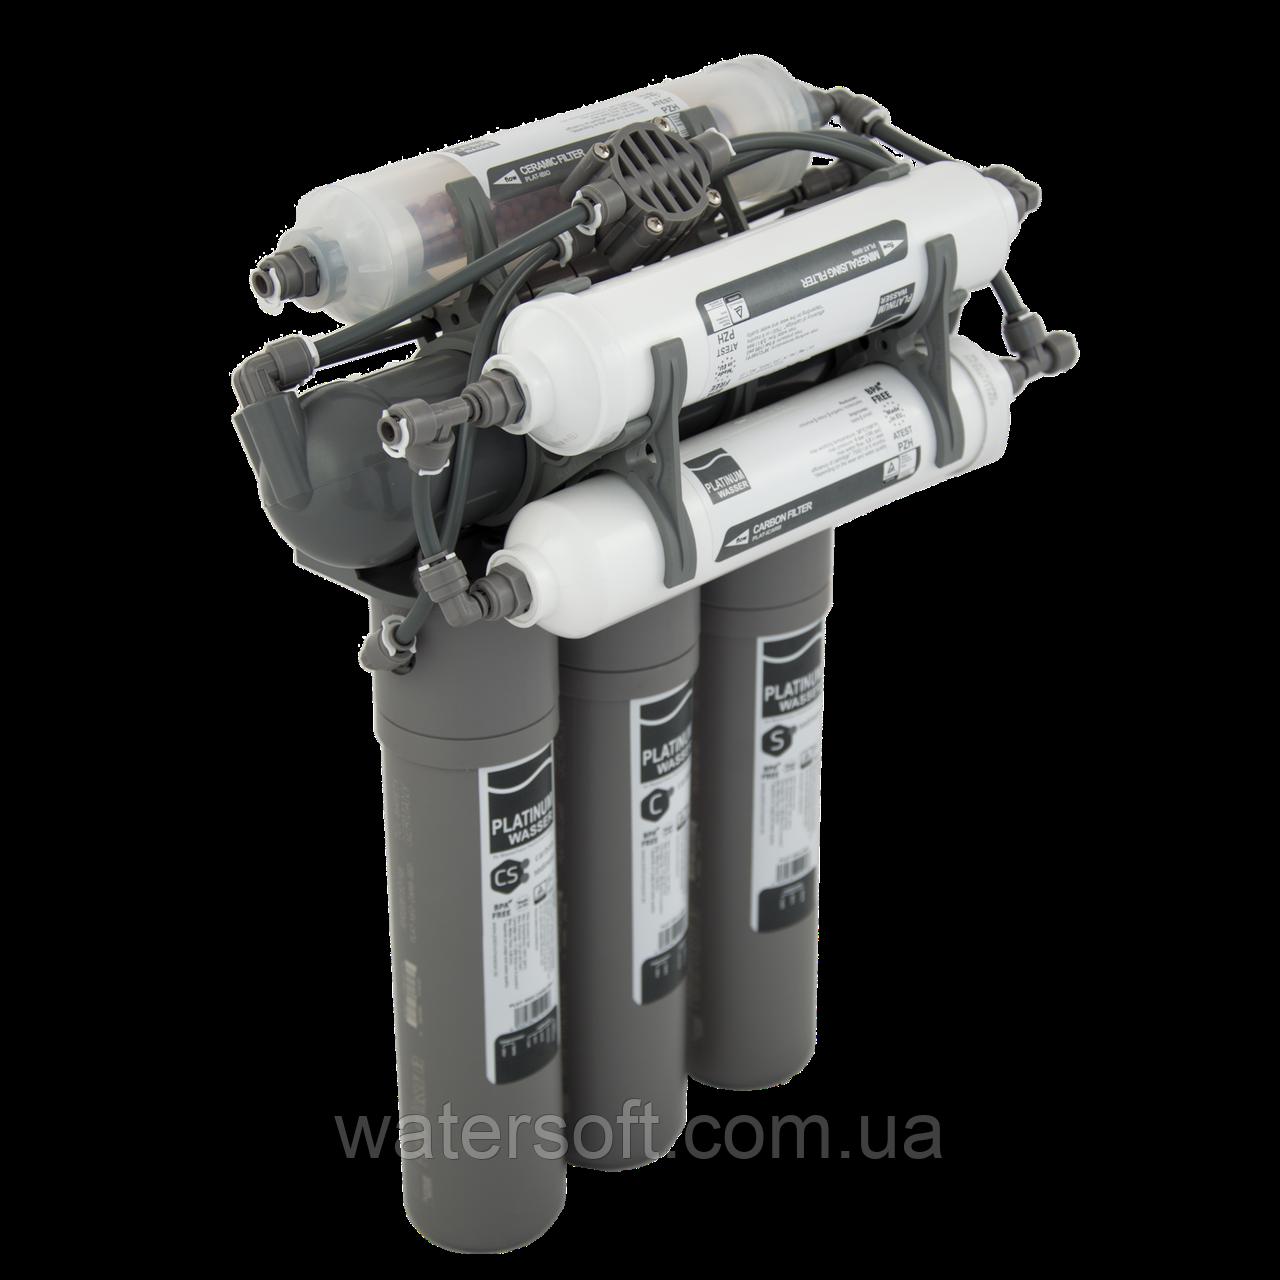 Система обратного осмоса Platinum Wasser Neo 7 Plat-F-Neo 7